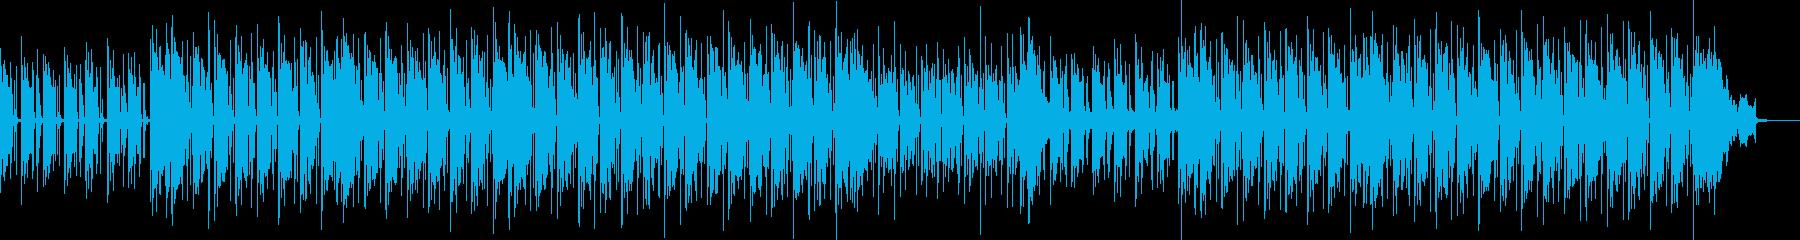 明るく陽気なファンクミュージック!の再生済みの波形